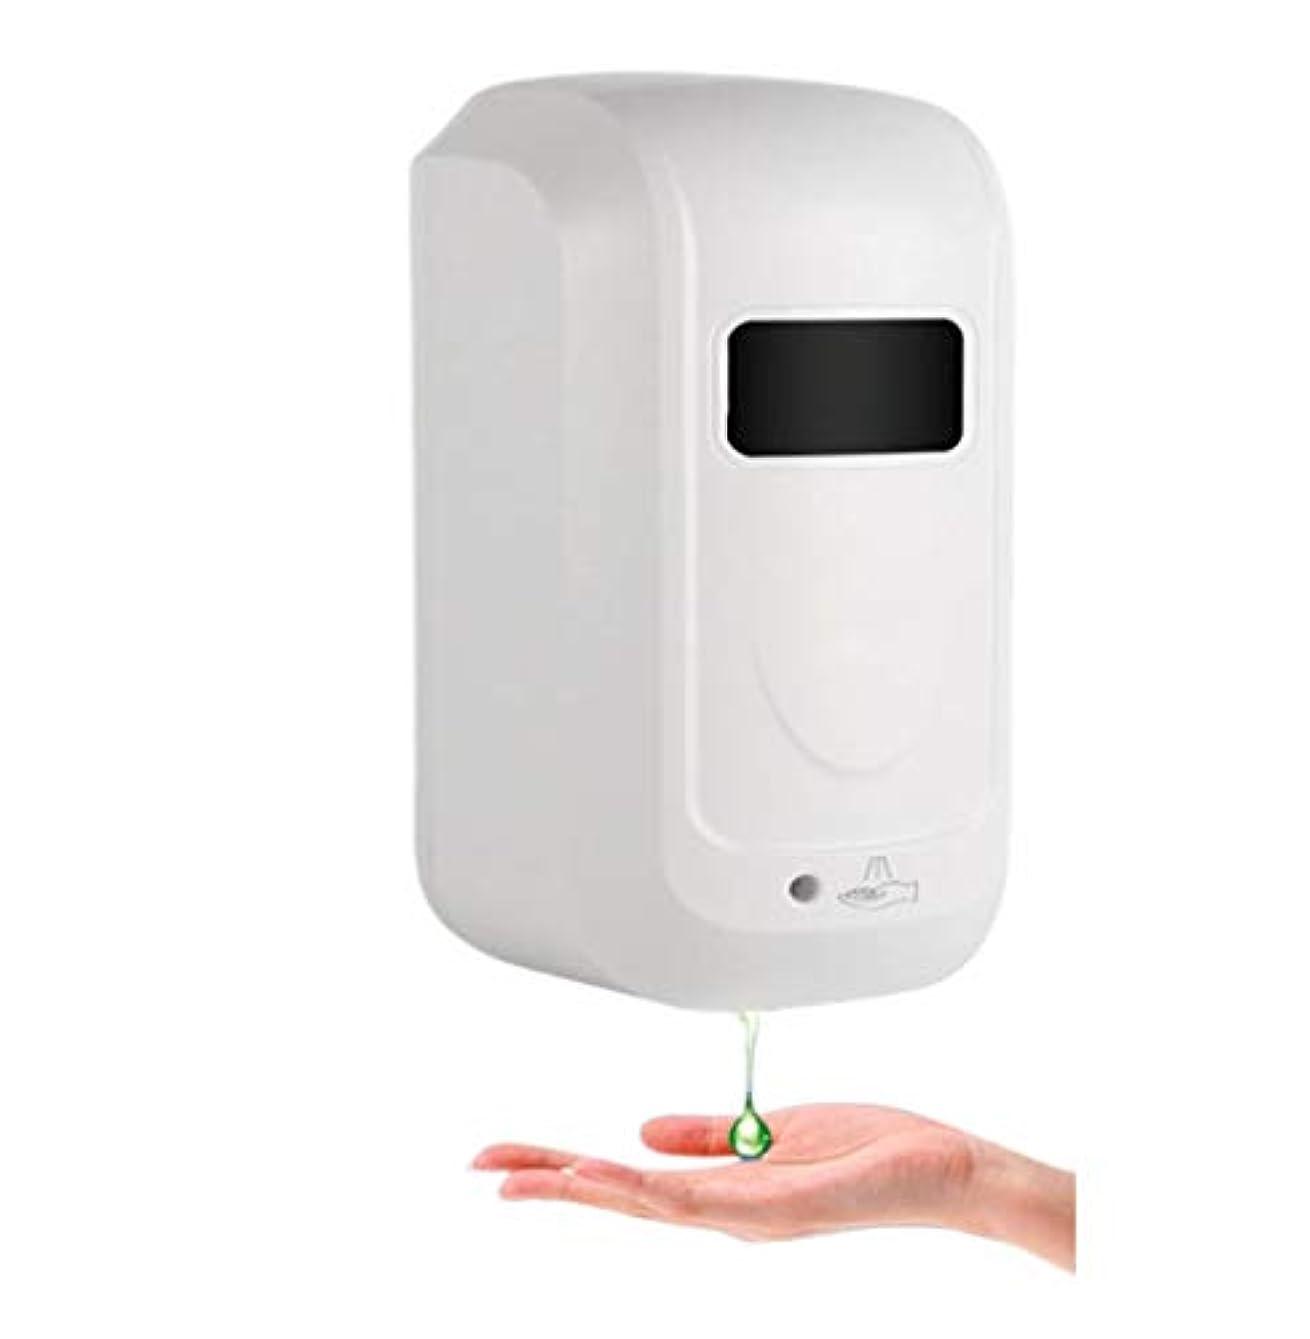 ペルソナシミュレートする委任壁に取り付けられた自動石鹸ディスペンサーの白、電気自動石鹸ディスペンサーの電池式の接触自由な1000ml浴室の台所オフィスホテルのための大きい容量